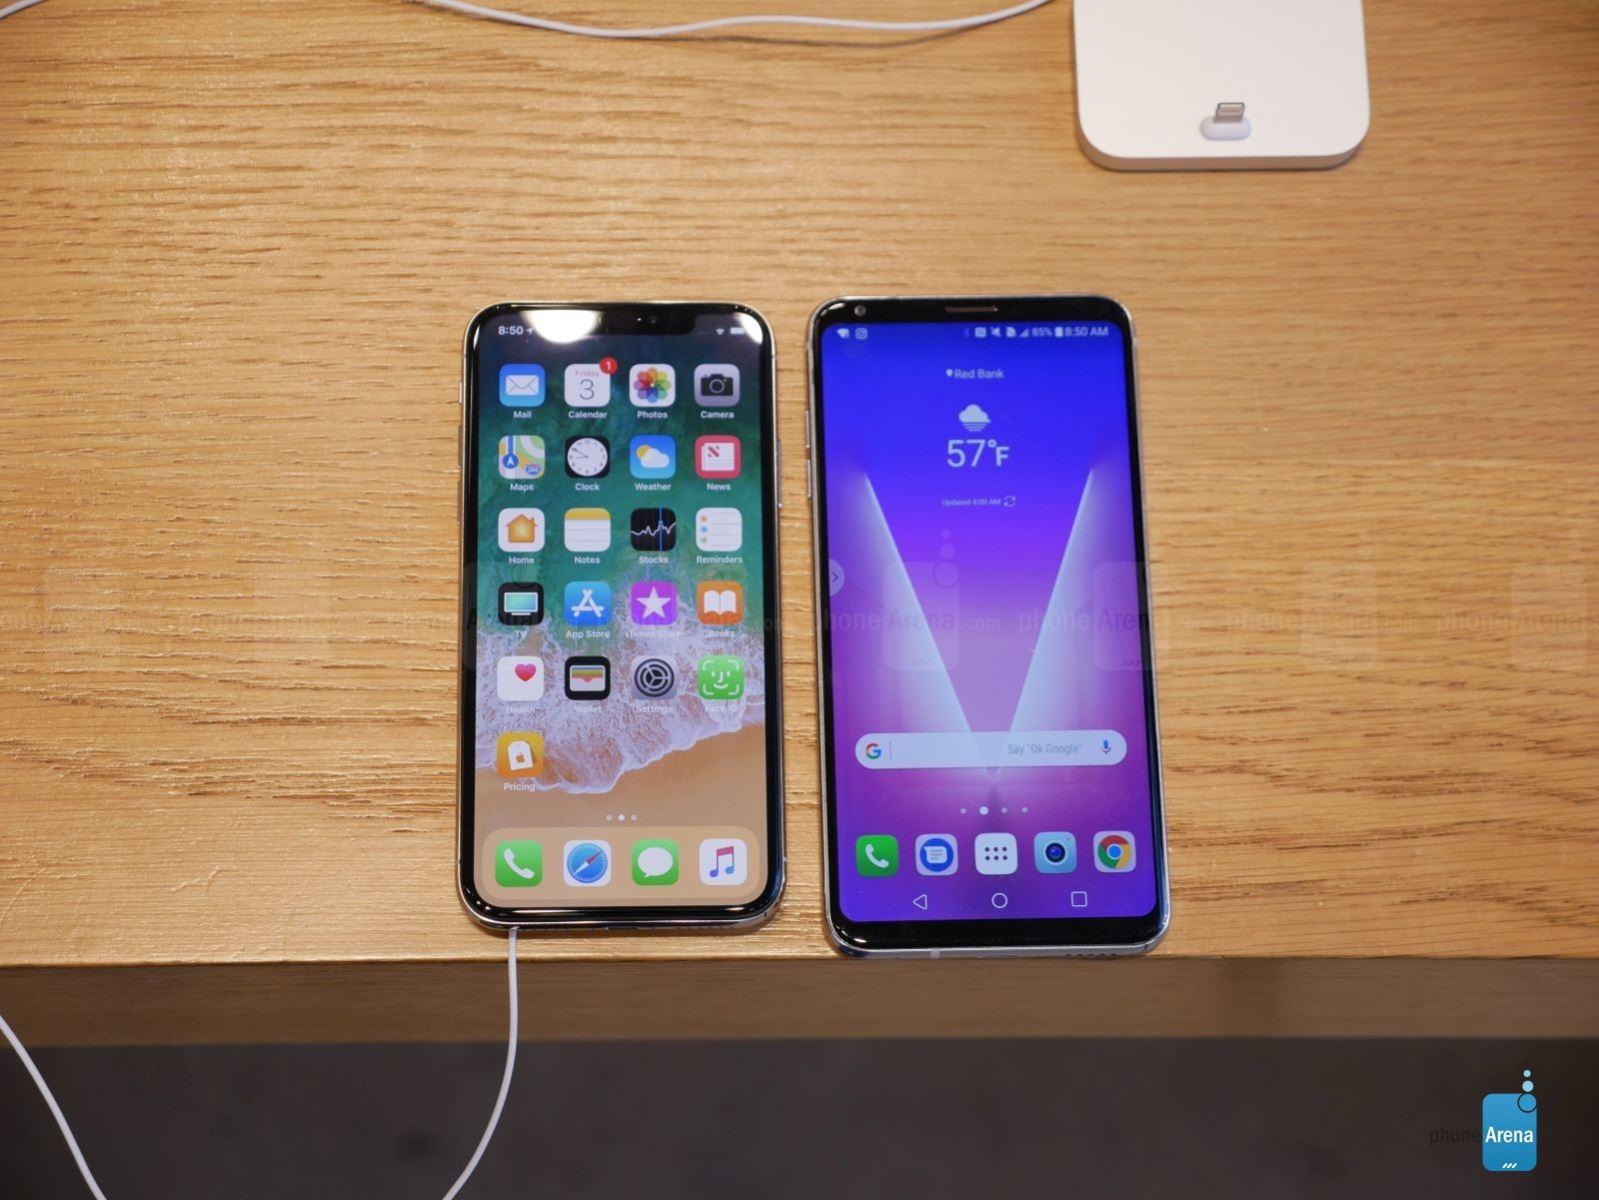 So sánh iPhone X với LG V30: phần thắng nào cho siêu phẩm của LG? 5